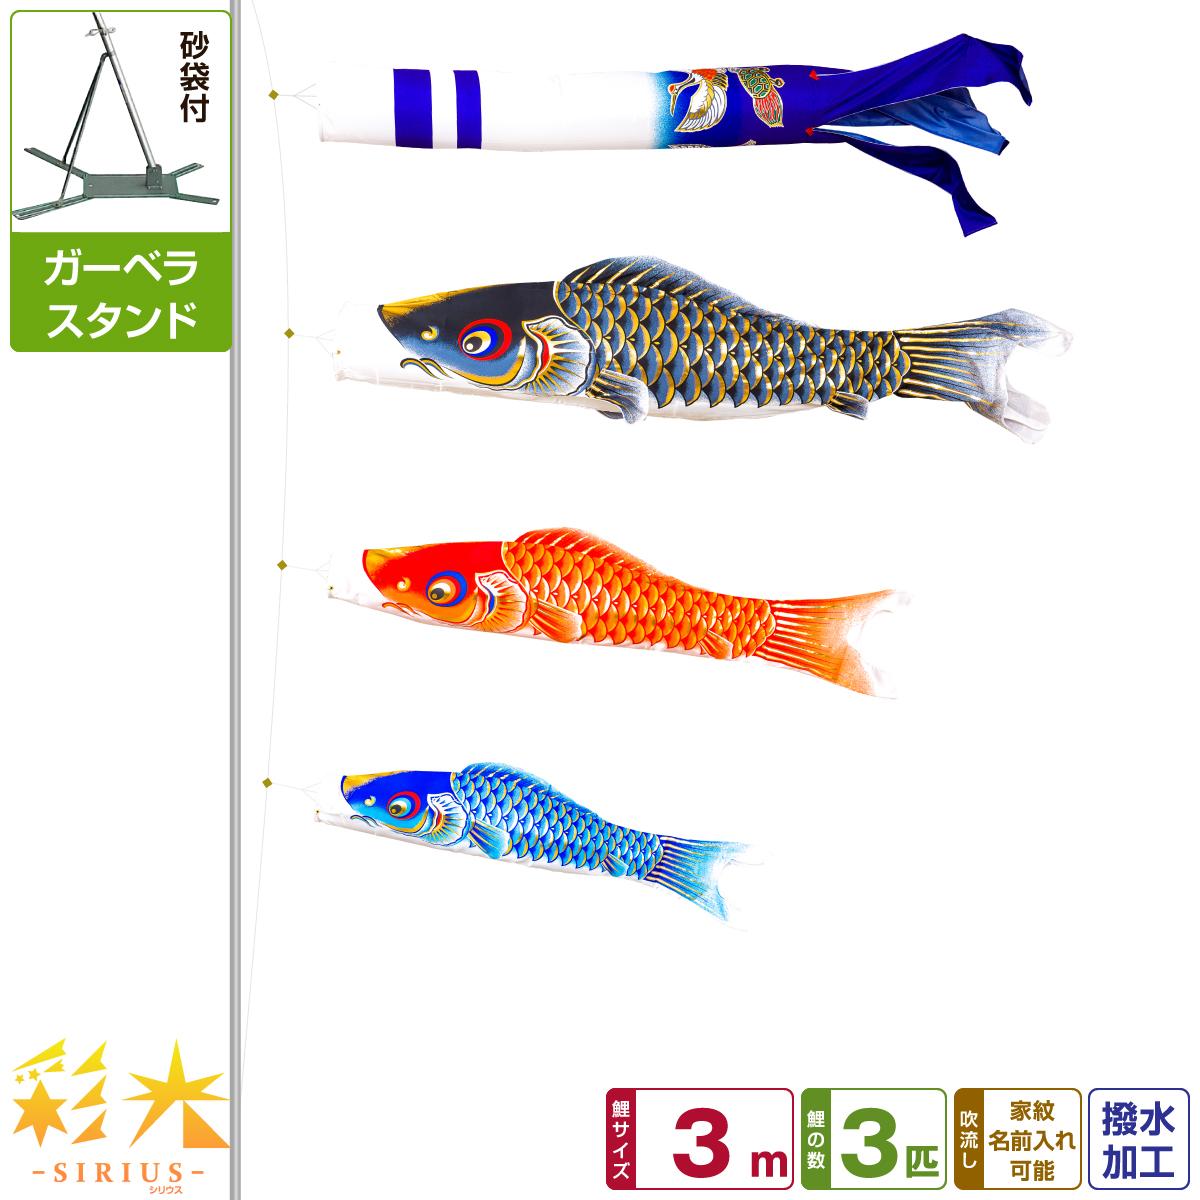 ベランダ用 こいのぼり 鯉のぼり SIRIUS/彩光鯉 3m 6点(吹流し+鯉3匹+矢車+ロープ)/ガーベラセット(庭・ベランダ兼用スタンド)